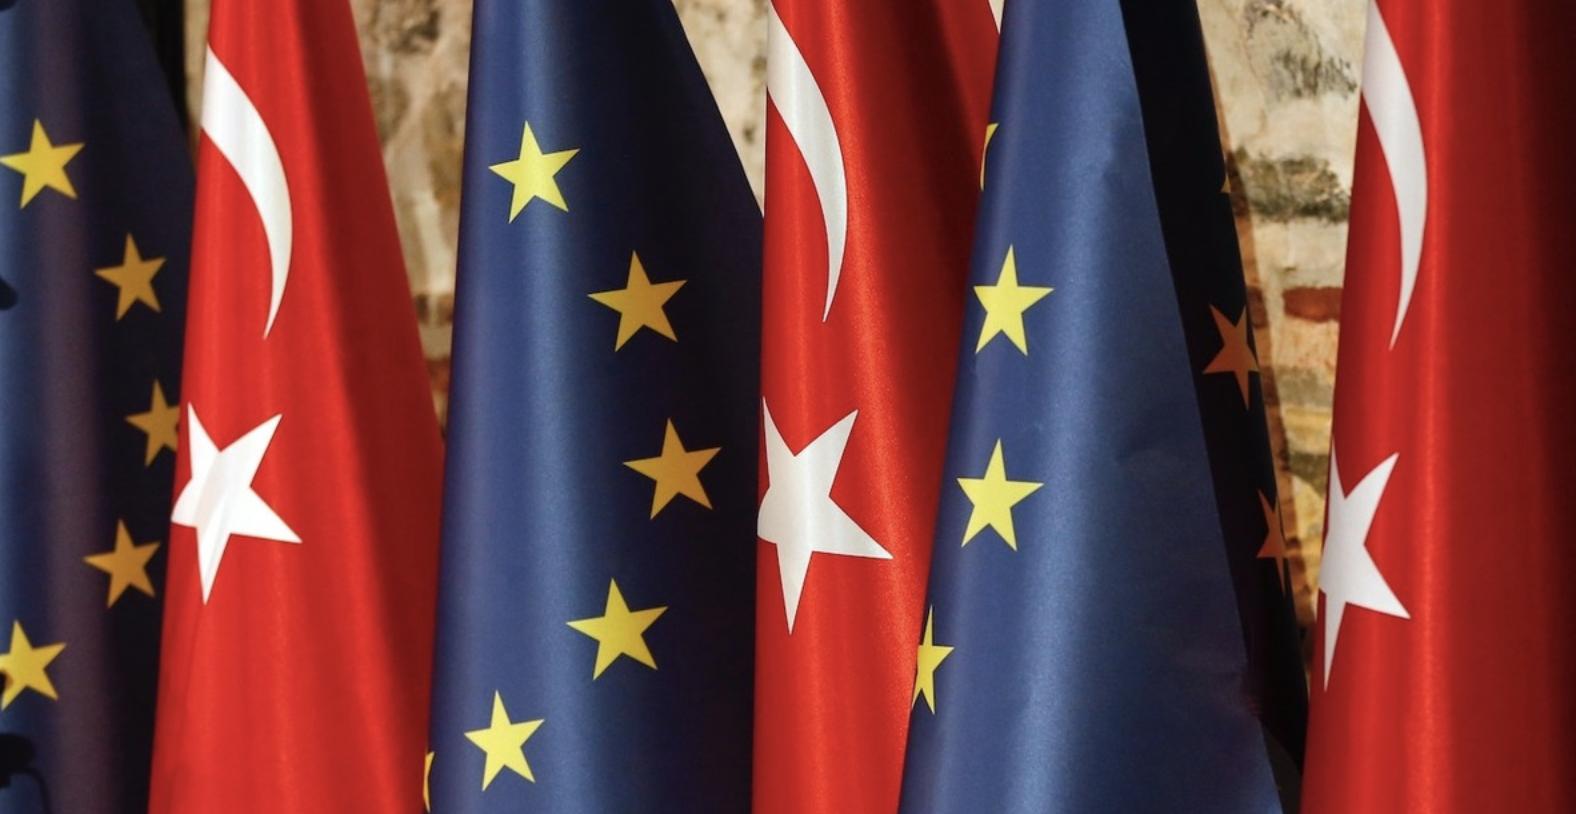 Πέντε χρόνια από την Κοινή Δήλωση ΕΕ-Τουρκίας με σκέψεις για επικαιροποίηση